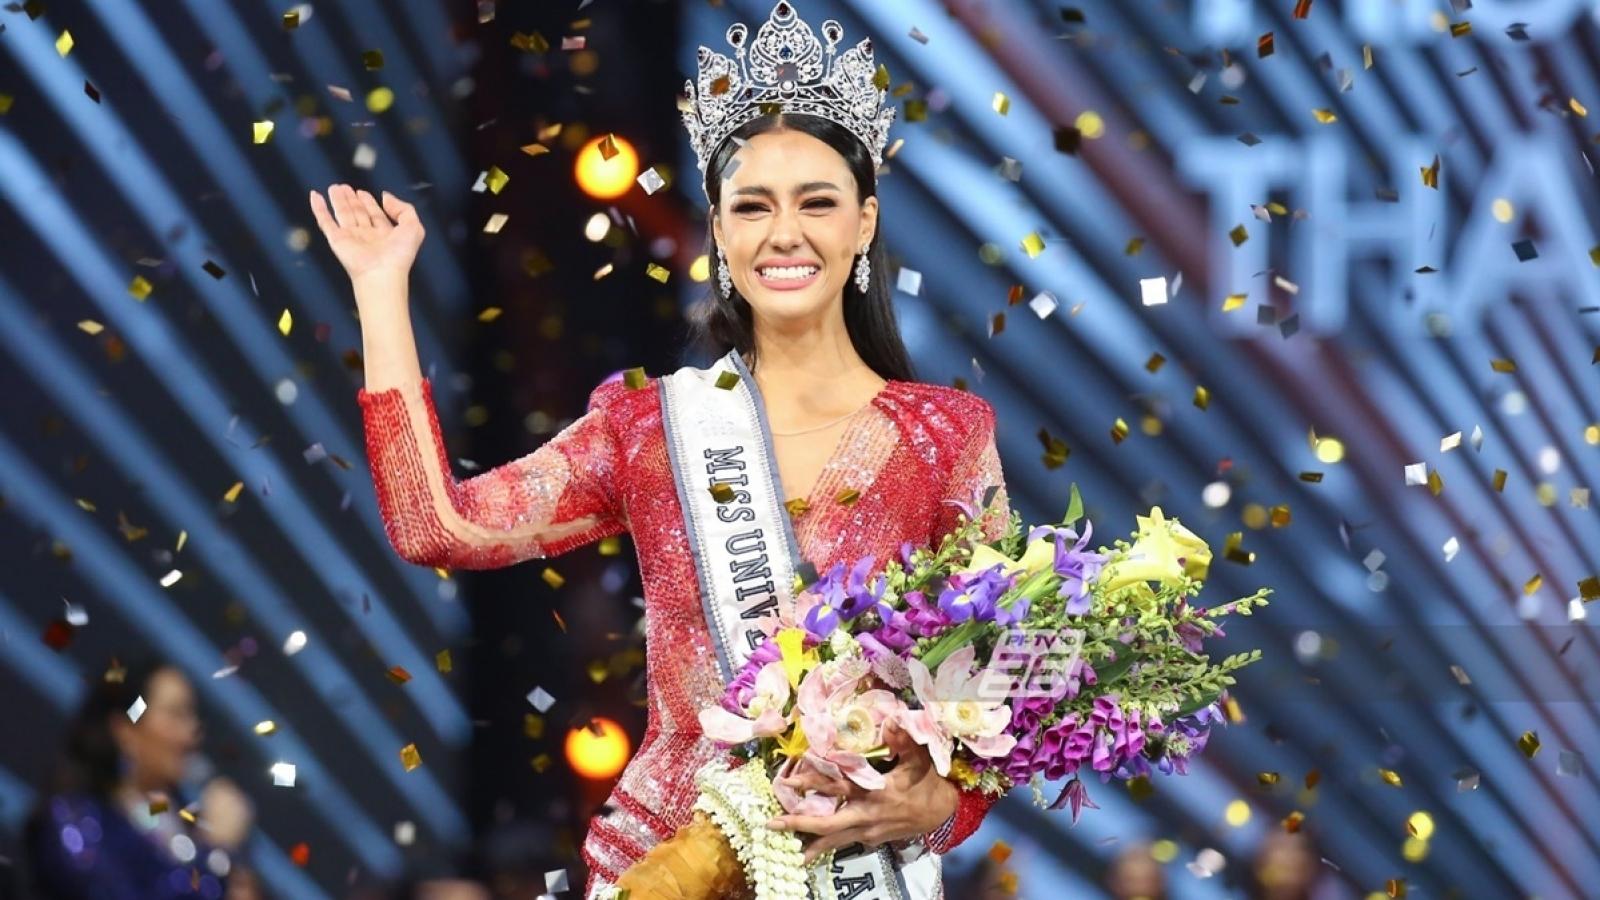 Nhan sắc hút hồn của tân Hoa hậu Hoàn vũ Thái Lan 2020